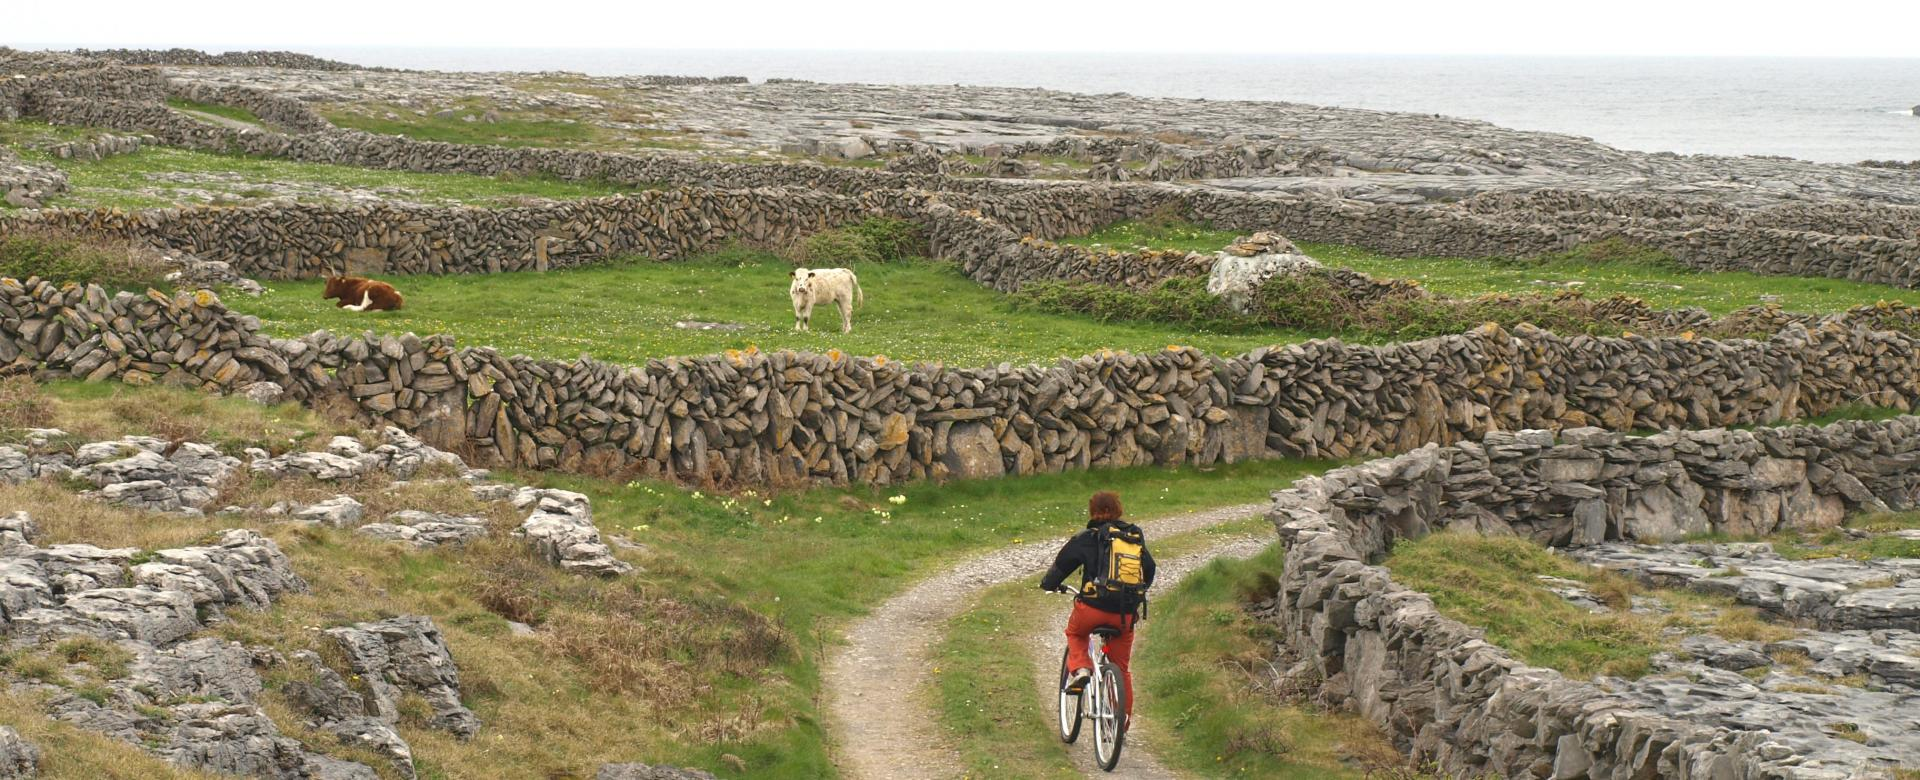 Voyage à vélo : Irlande : Iles d'aran et connemara à vélo en famille